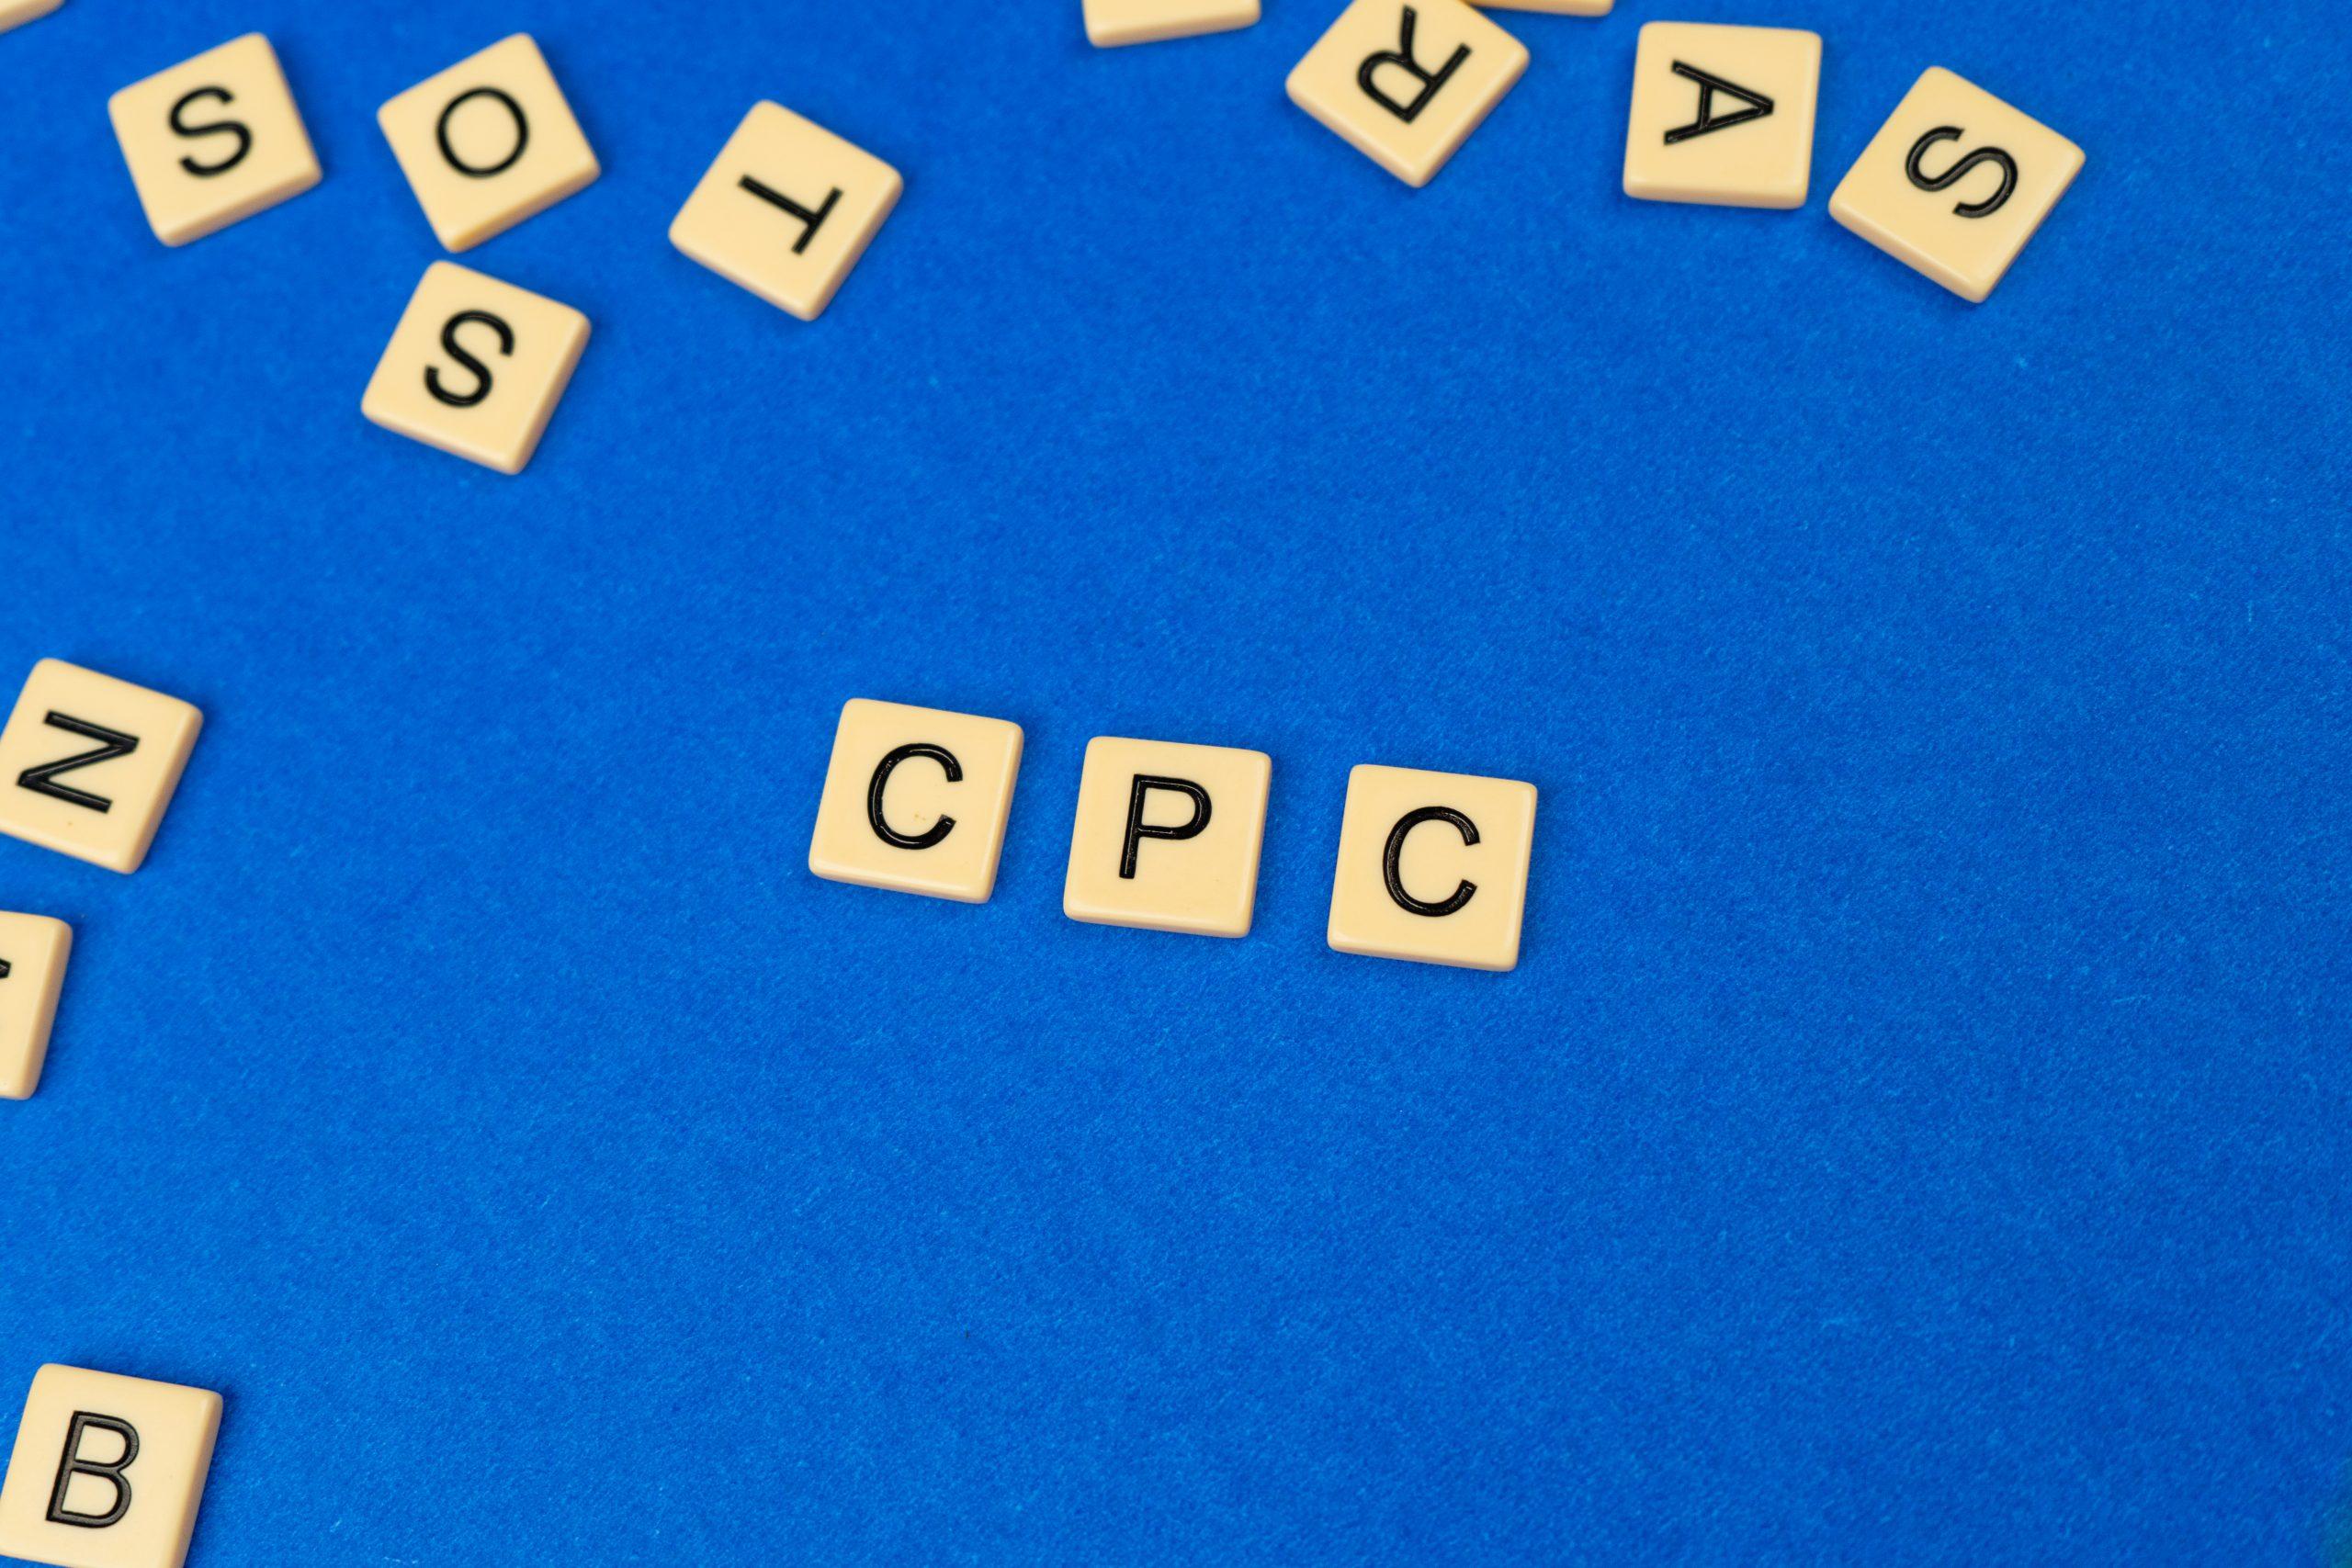 CPC written on scrabble